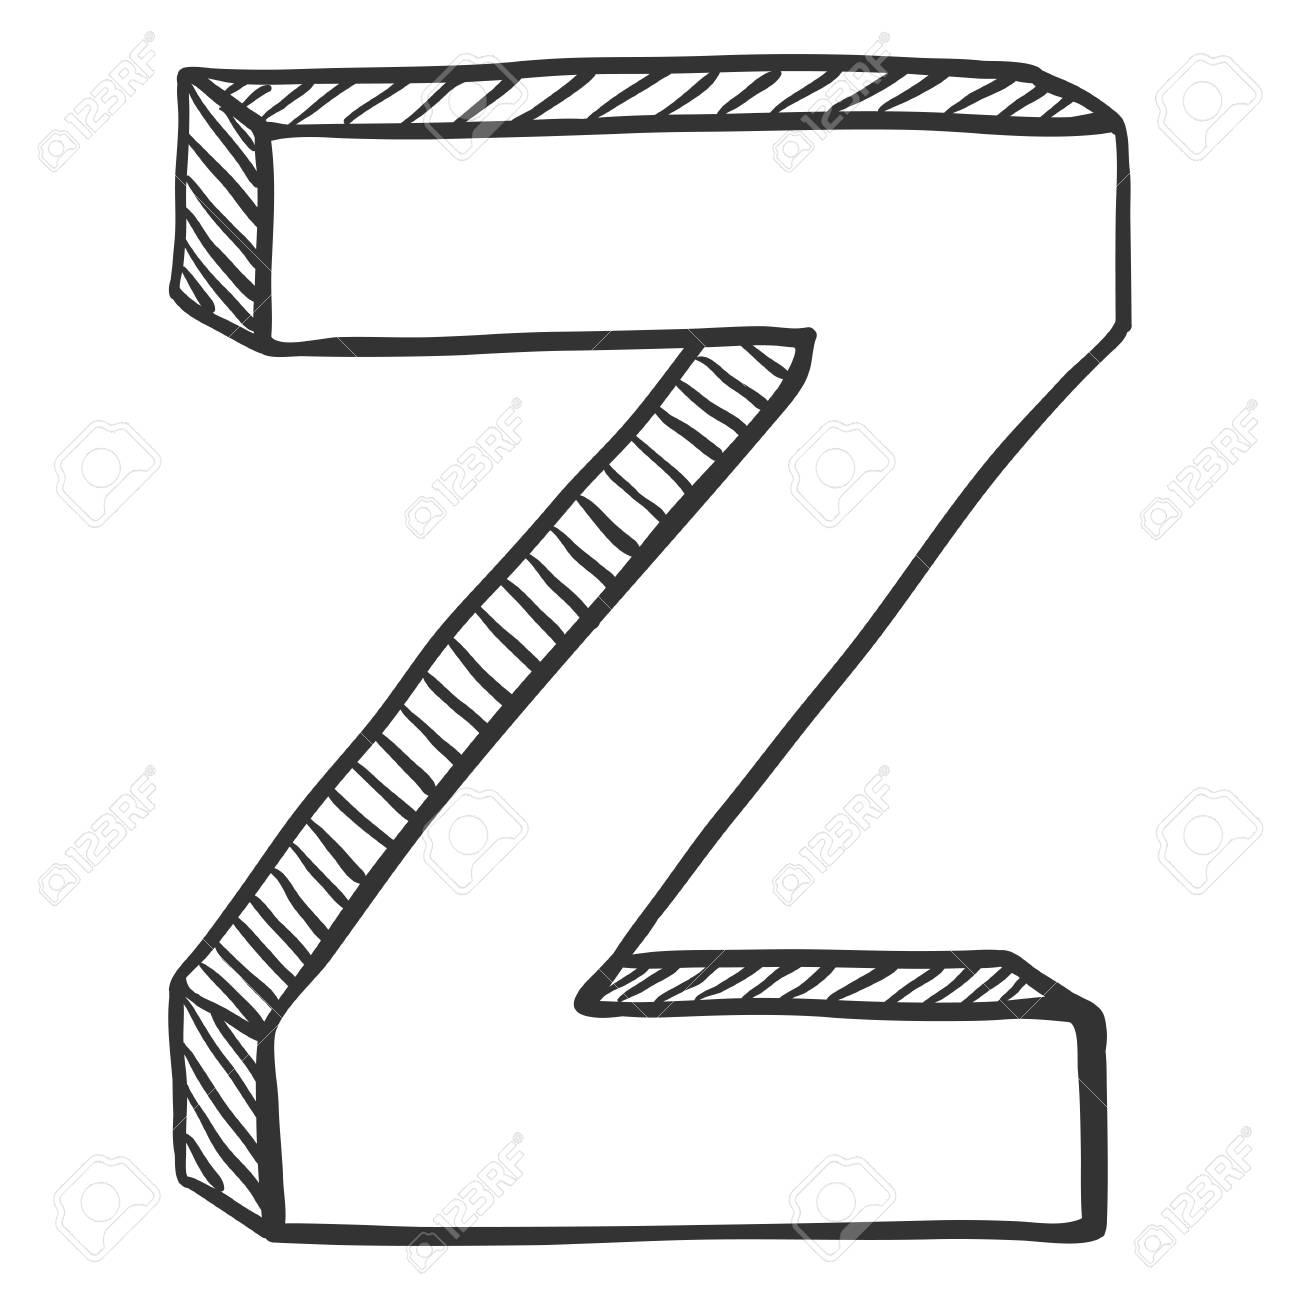 Letter Z Pictures.Vector Doodle Sketch Illustration The Letter Z